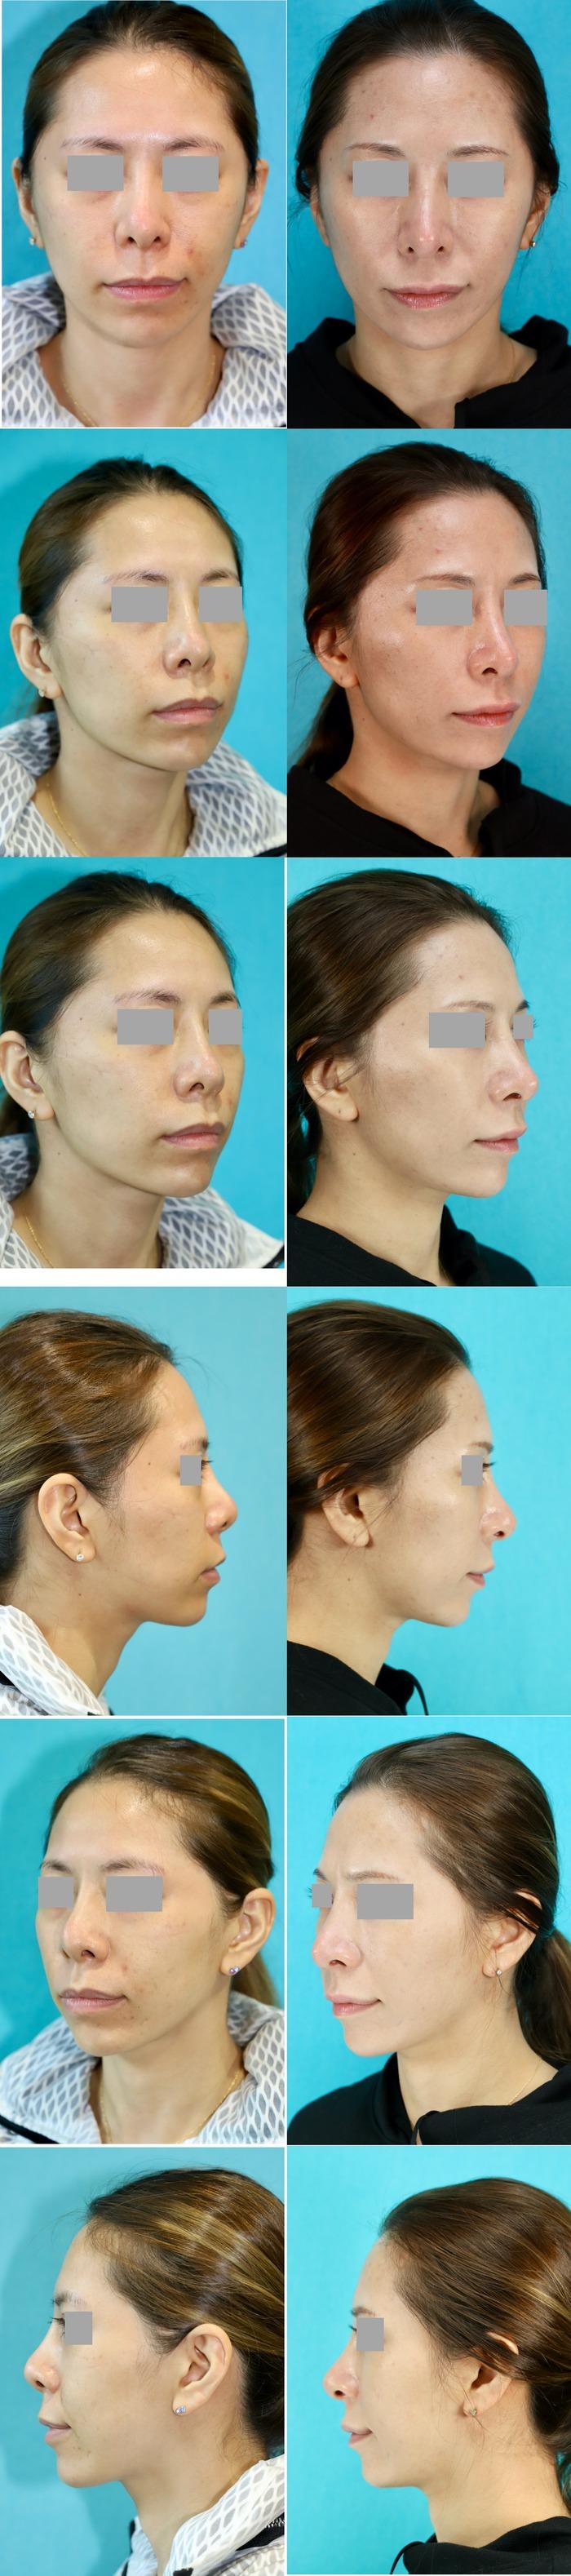 鼻中隔延長術、隆鼻術(プロテーゼ入れ替え)術後5ヶ月